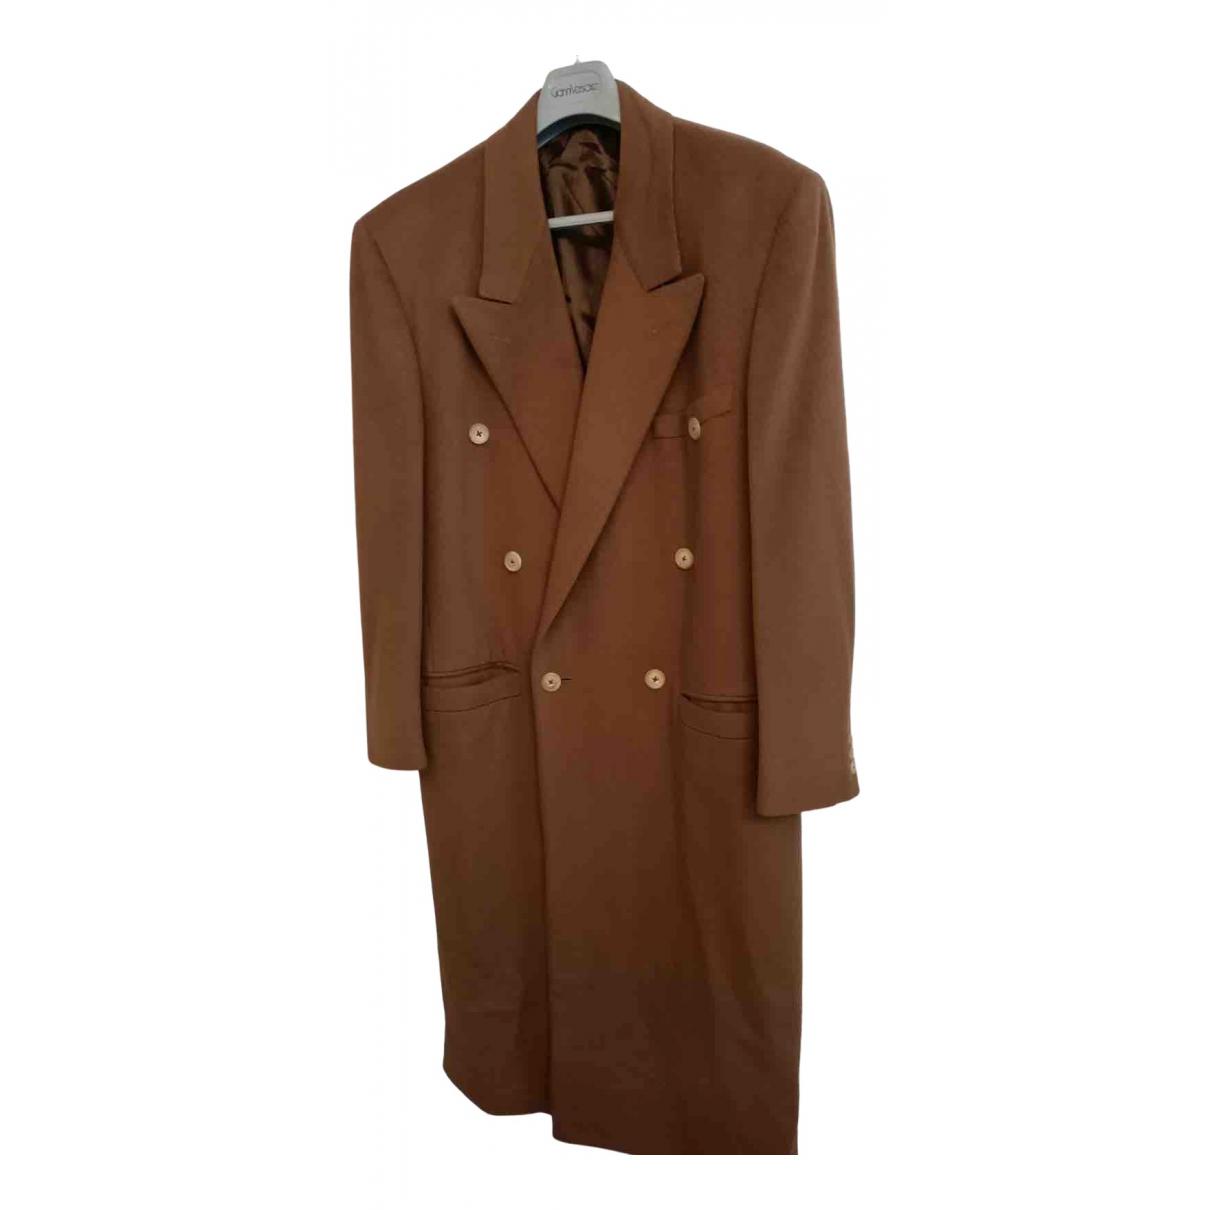 Gianni Versace - Manteau   pour homme en laine - camel